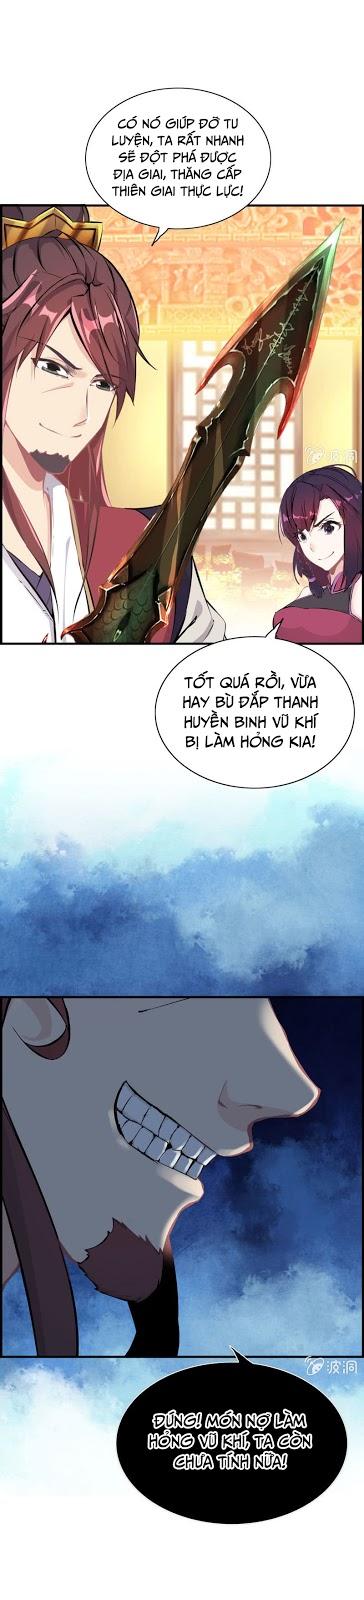 Thần Ma Thiên Sát Chapter 12 video -